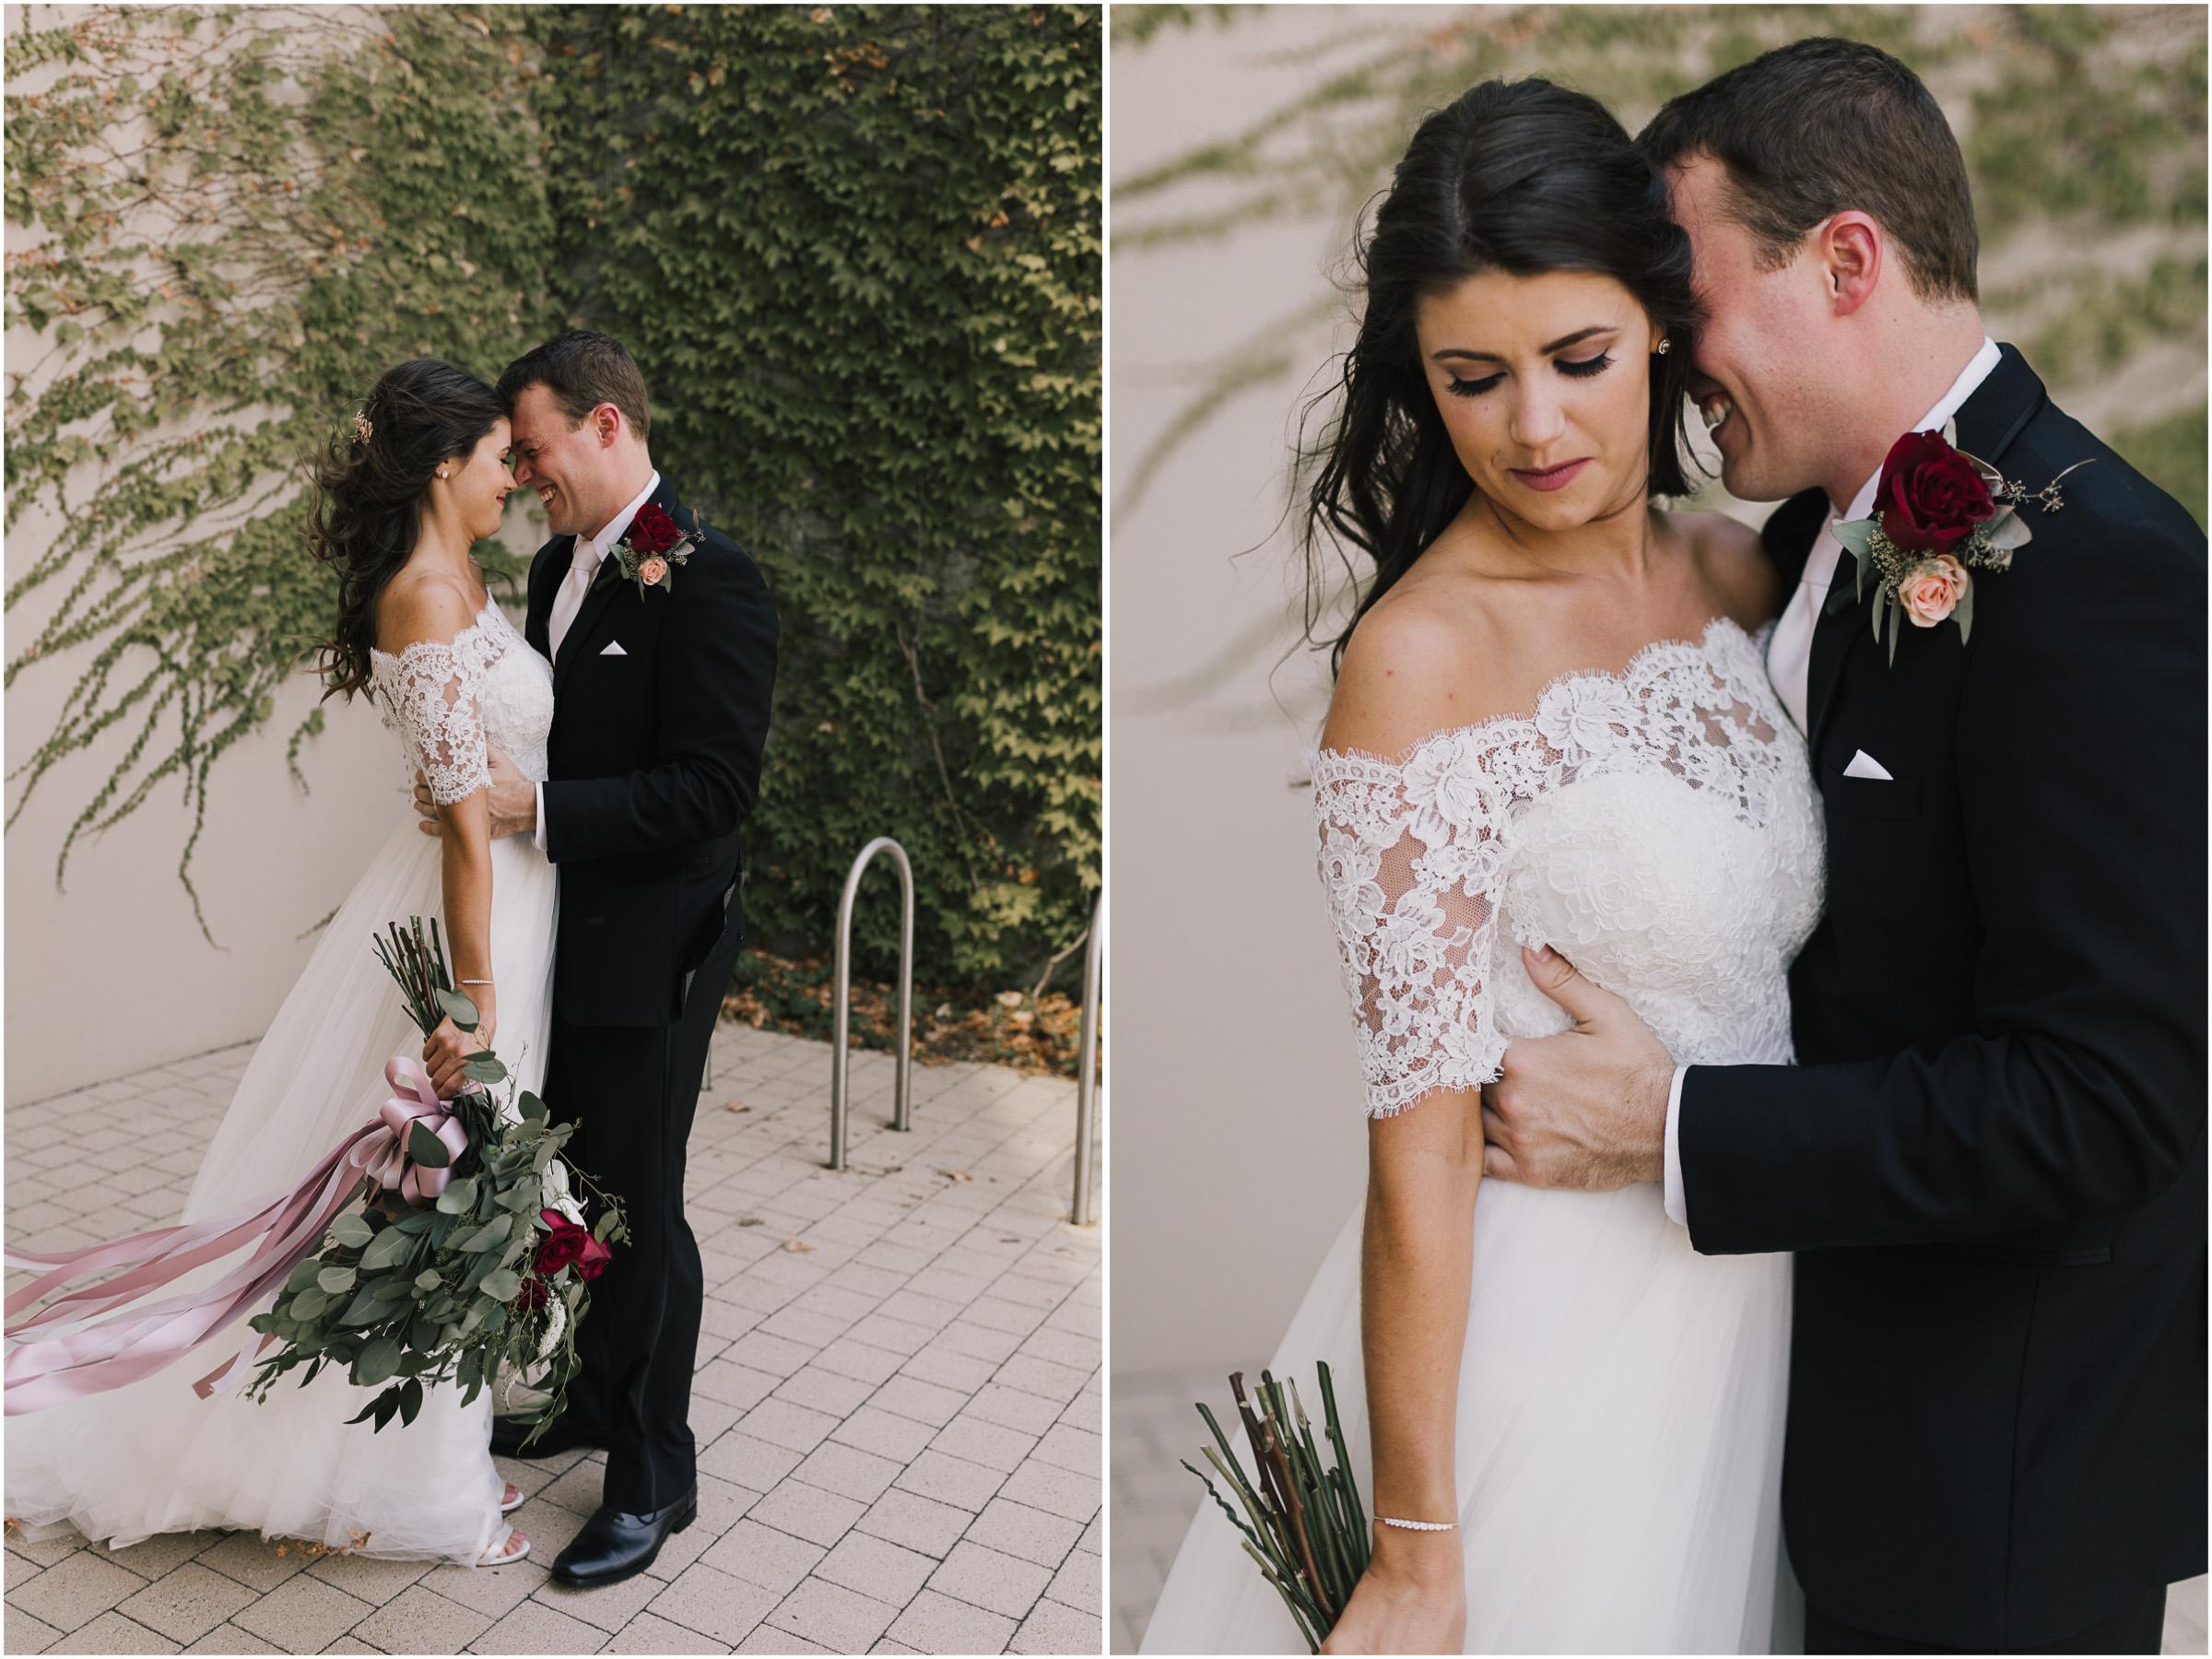 Maddie And Ricky Br Glam Boho Wedding At The Abbott Alyssa